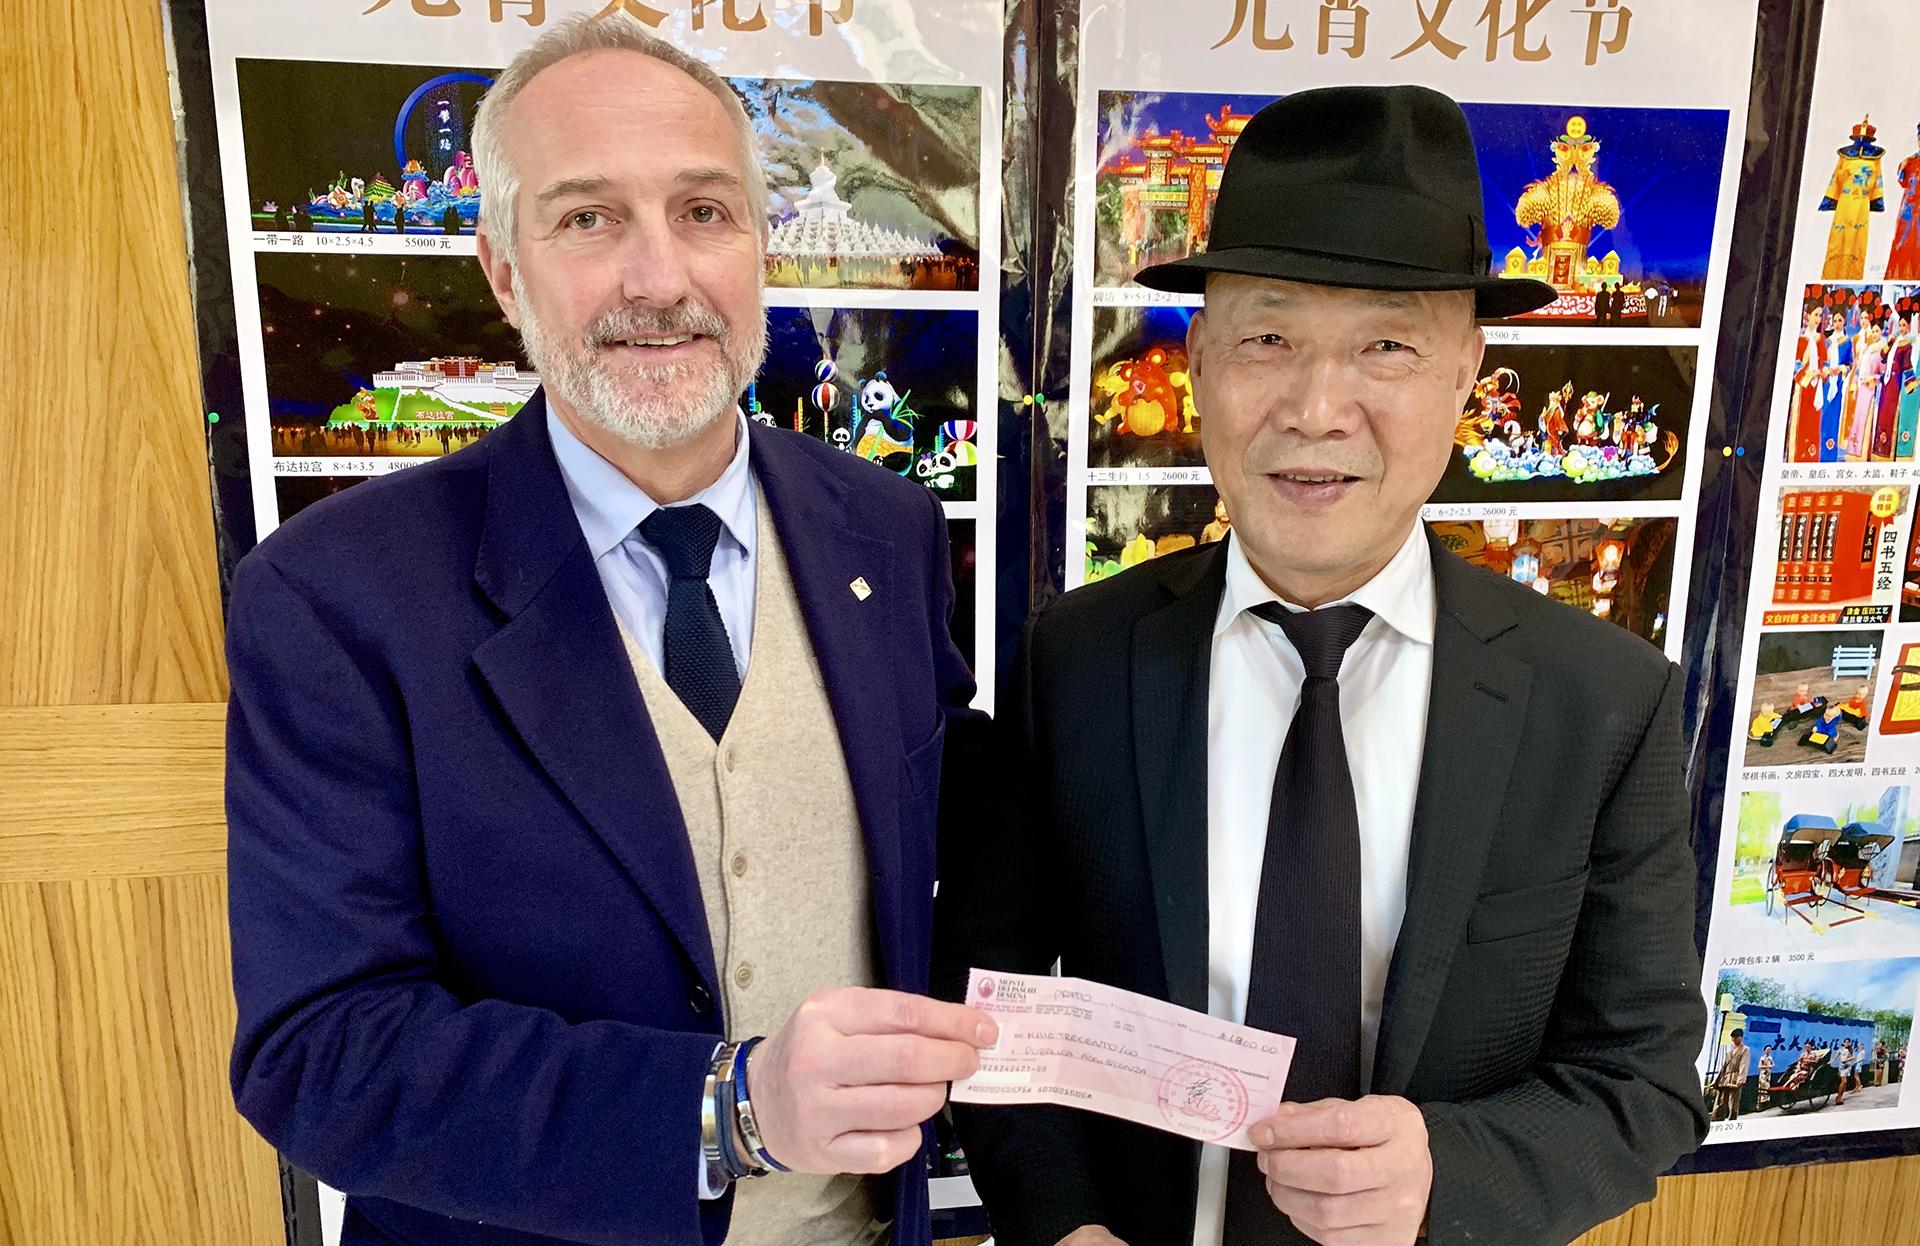 Donazione del tempio buddista Pu Hua Si di Prato